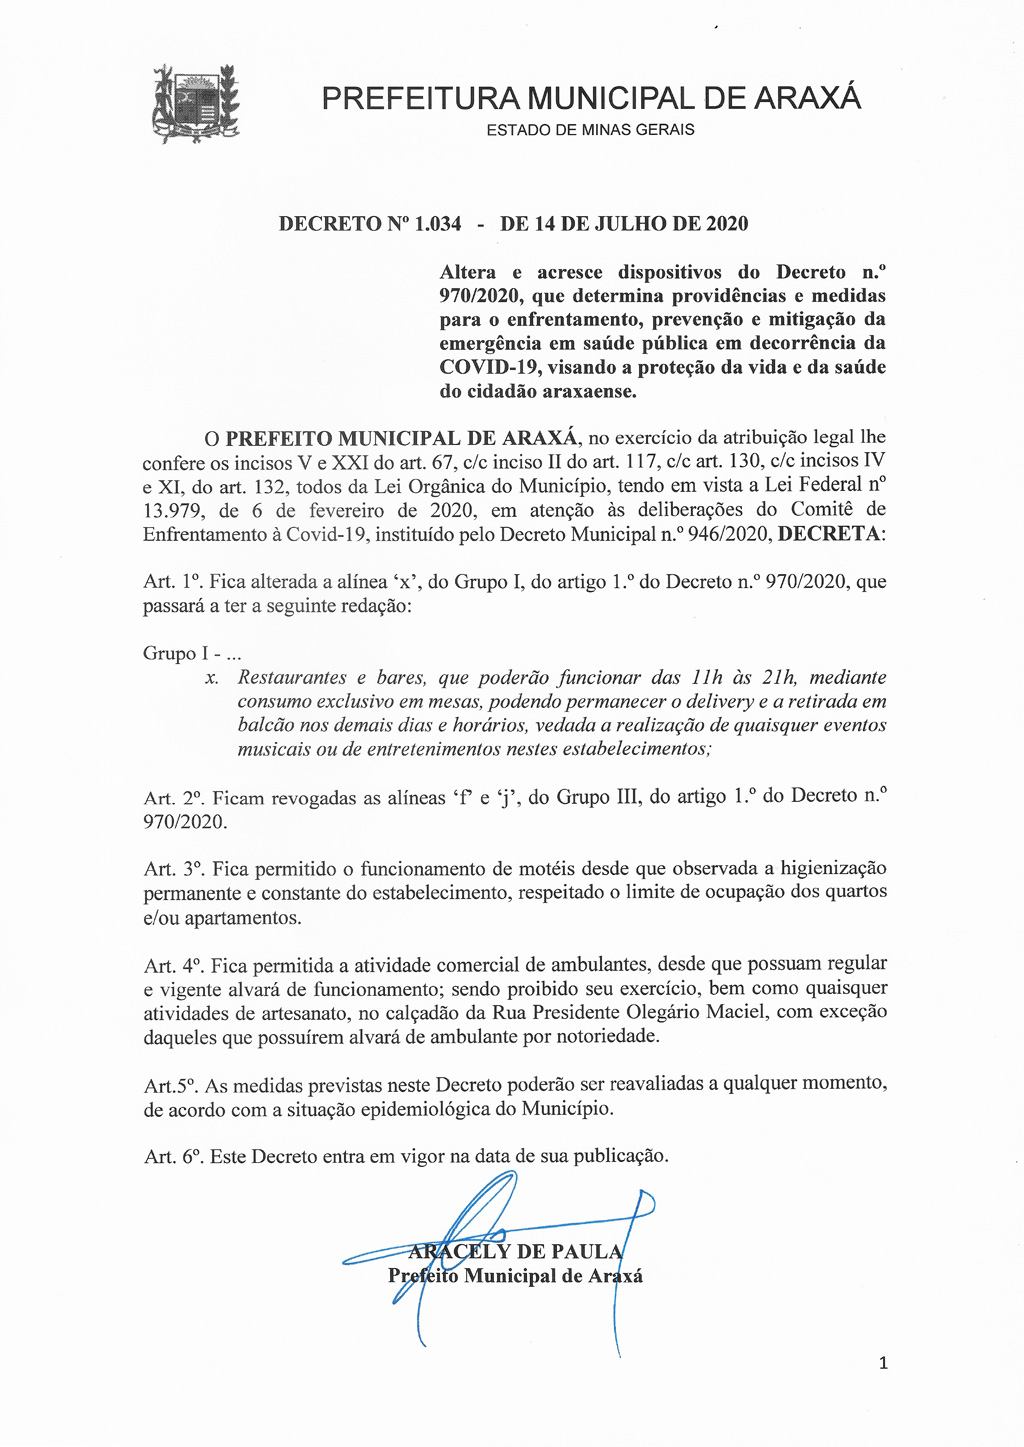 Consumo de bebidas alcoólicas em bares e restaurantes volta a ser permitido em Araxá, além de motéis e comércio ambulante 1